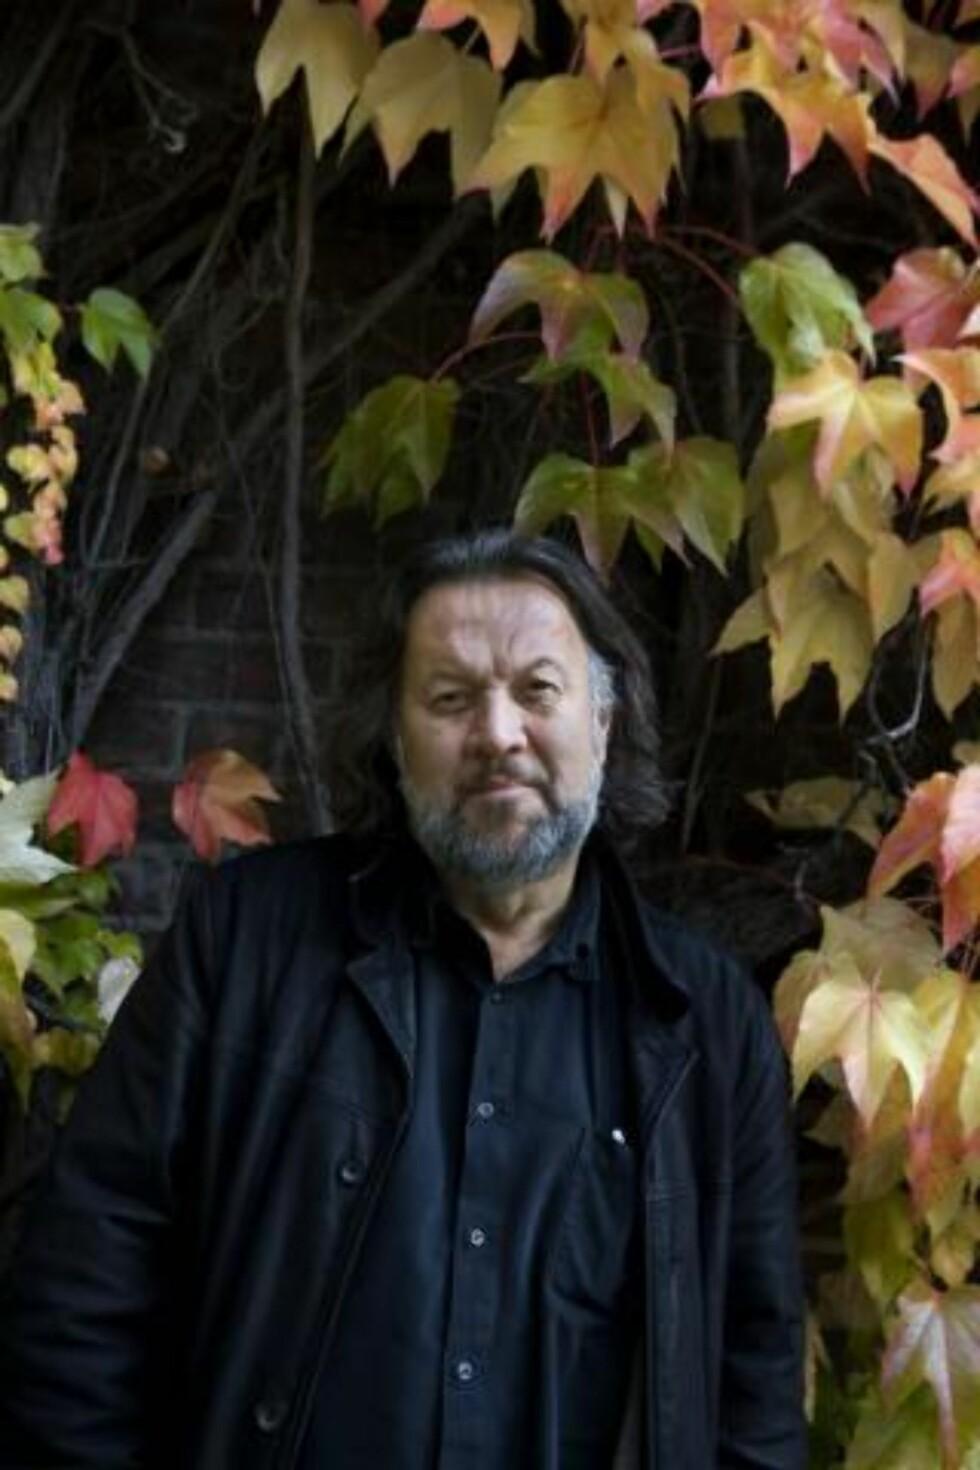 EN GAVE: - Bjørn Eidsvåg er et godt eksempel på en gjest som kommer til å gjøre inntrykk på svenskene, mener Fredrik Skavlan. Foto: Berit Roald / SCANPIX